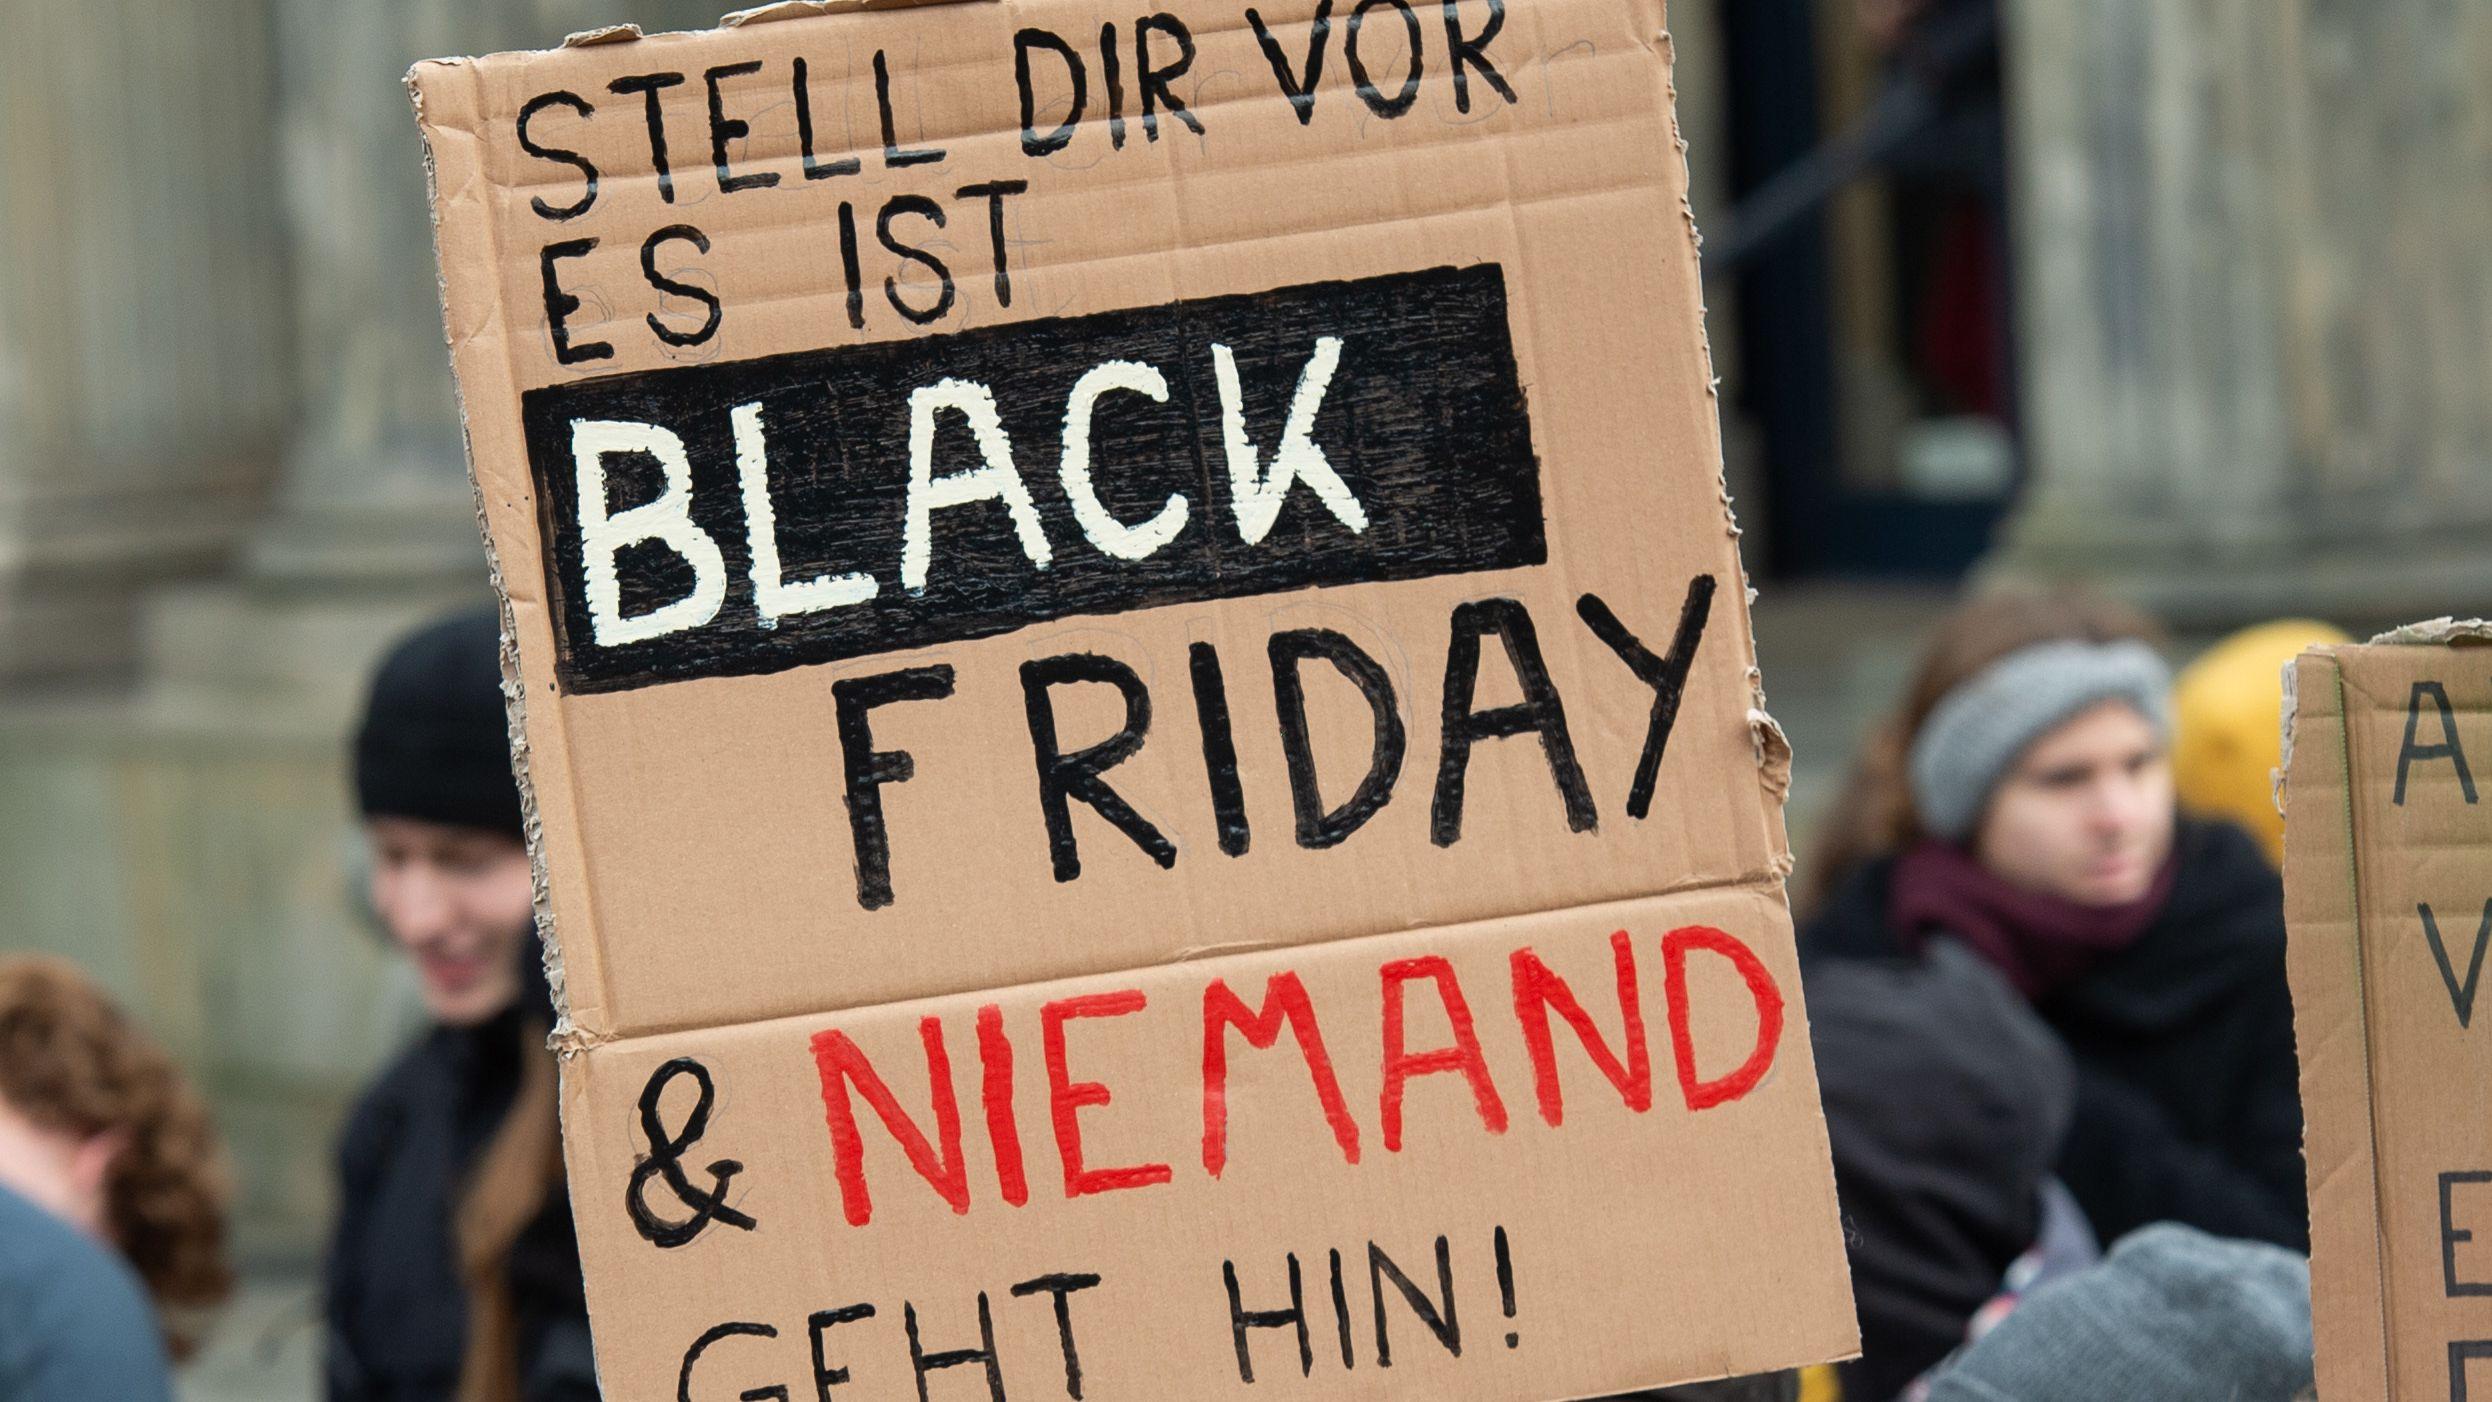 """Eine Demonstrantin hält ein Schild mit der Aufschrift """"Stell dir vor es ist Black Friday & niemand geht hin!"""" bei einer Kundgebung von Fridays For Future zum globalen Aktionstag für mehr Klimaschutz."""